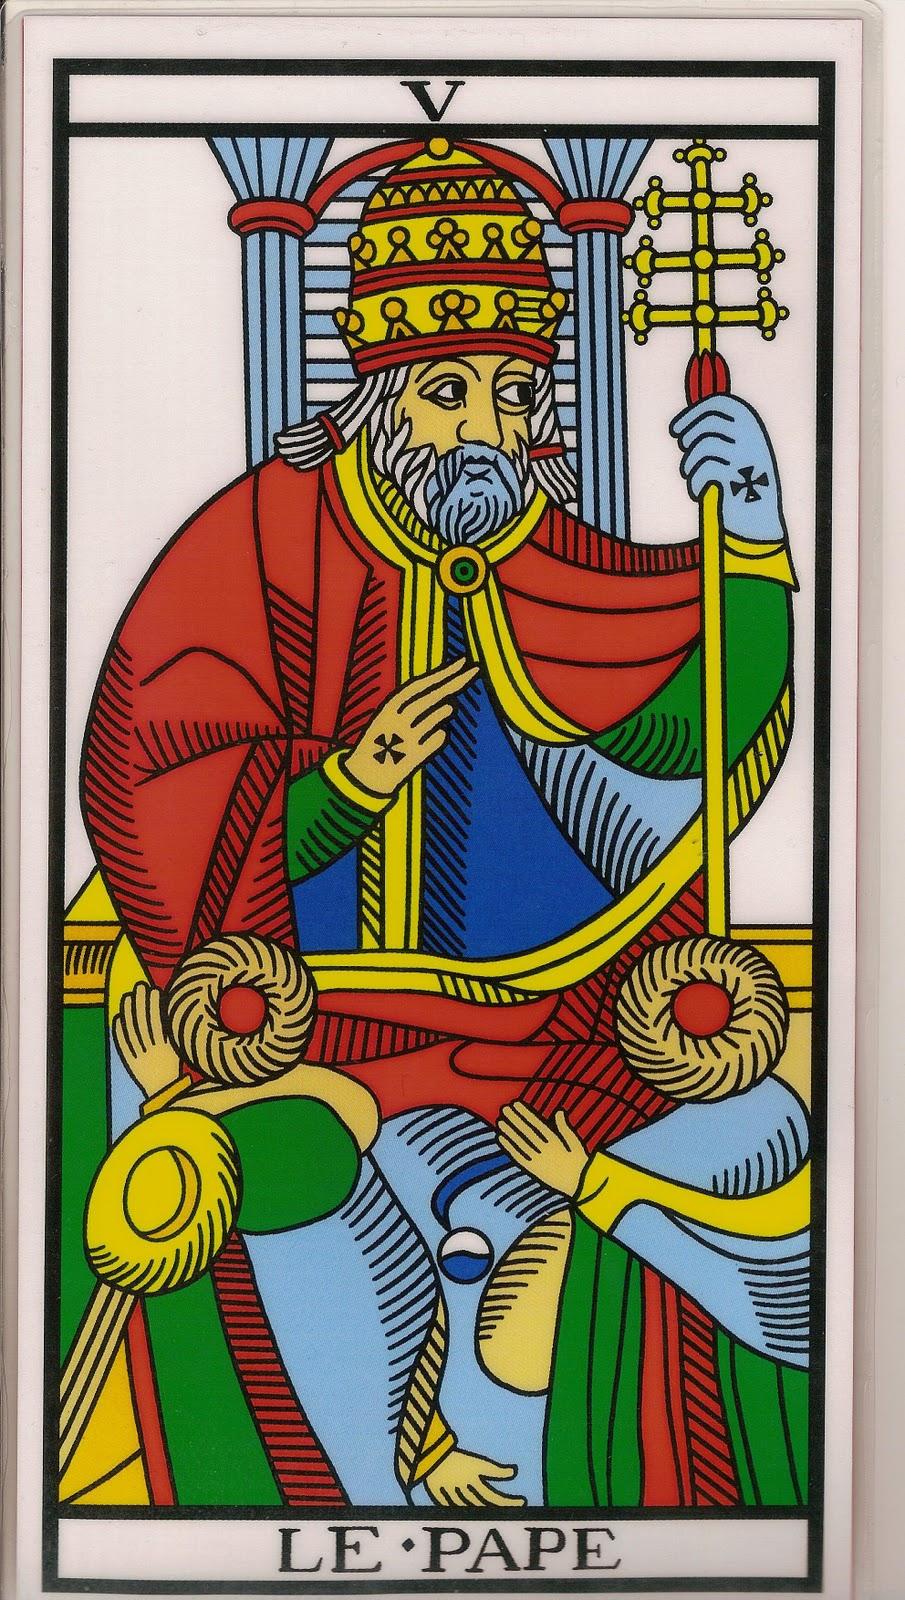 Significado de los arcanos menores de bastos o elemento creativo del espíritu (introducción)